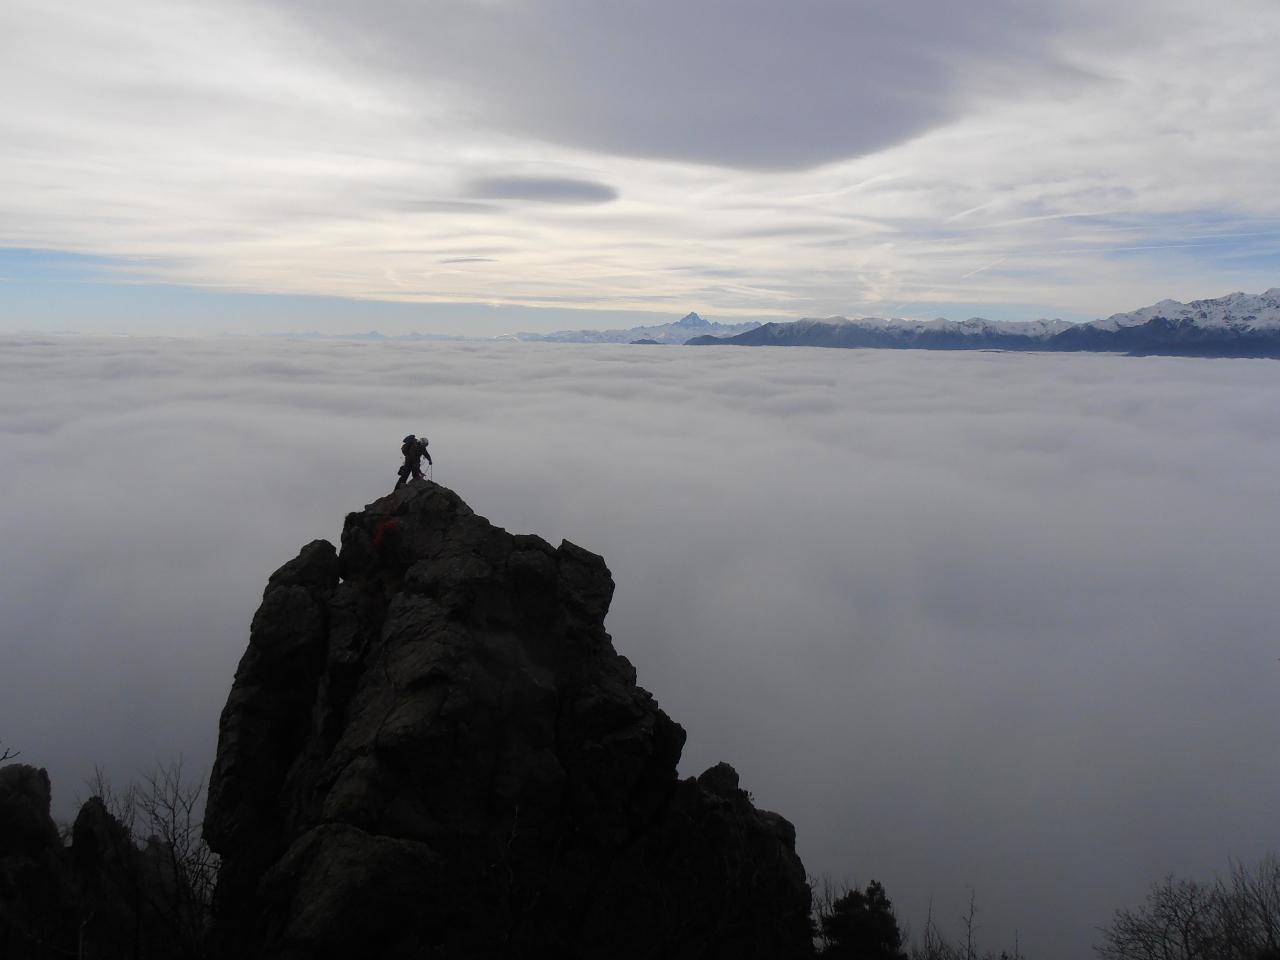 Mare di nubi. Ultimo torrione con recupero del secondo, foto Tini dal sentiero Aldo Mari